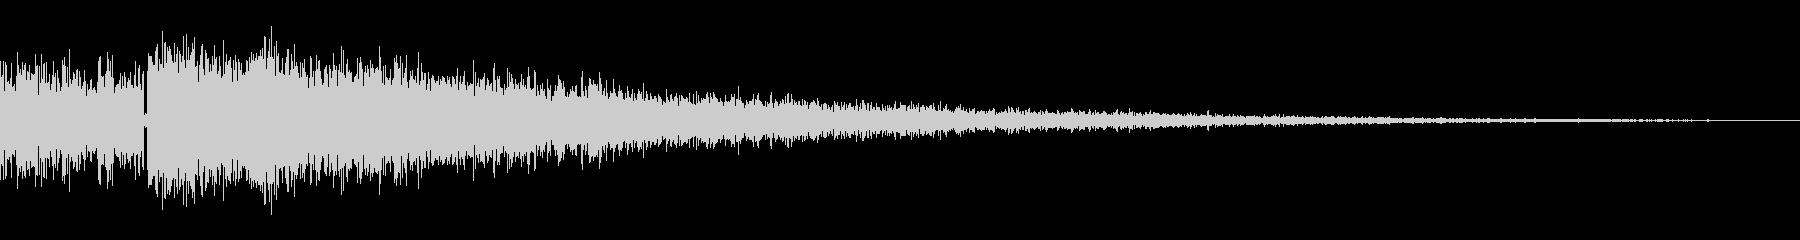 決定/ボタン押下音(ジャキーン)の未再生の波形